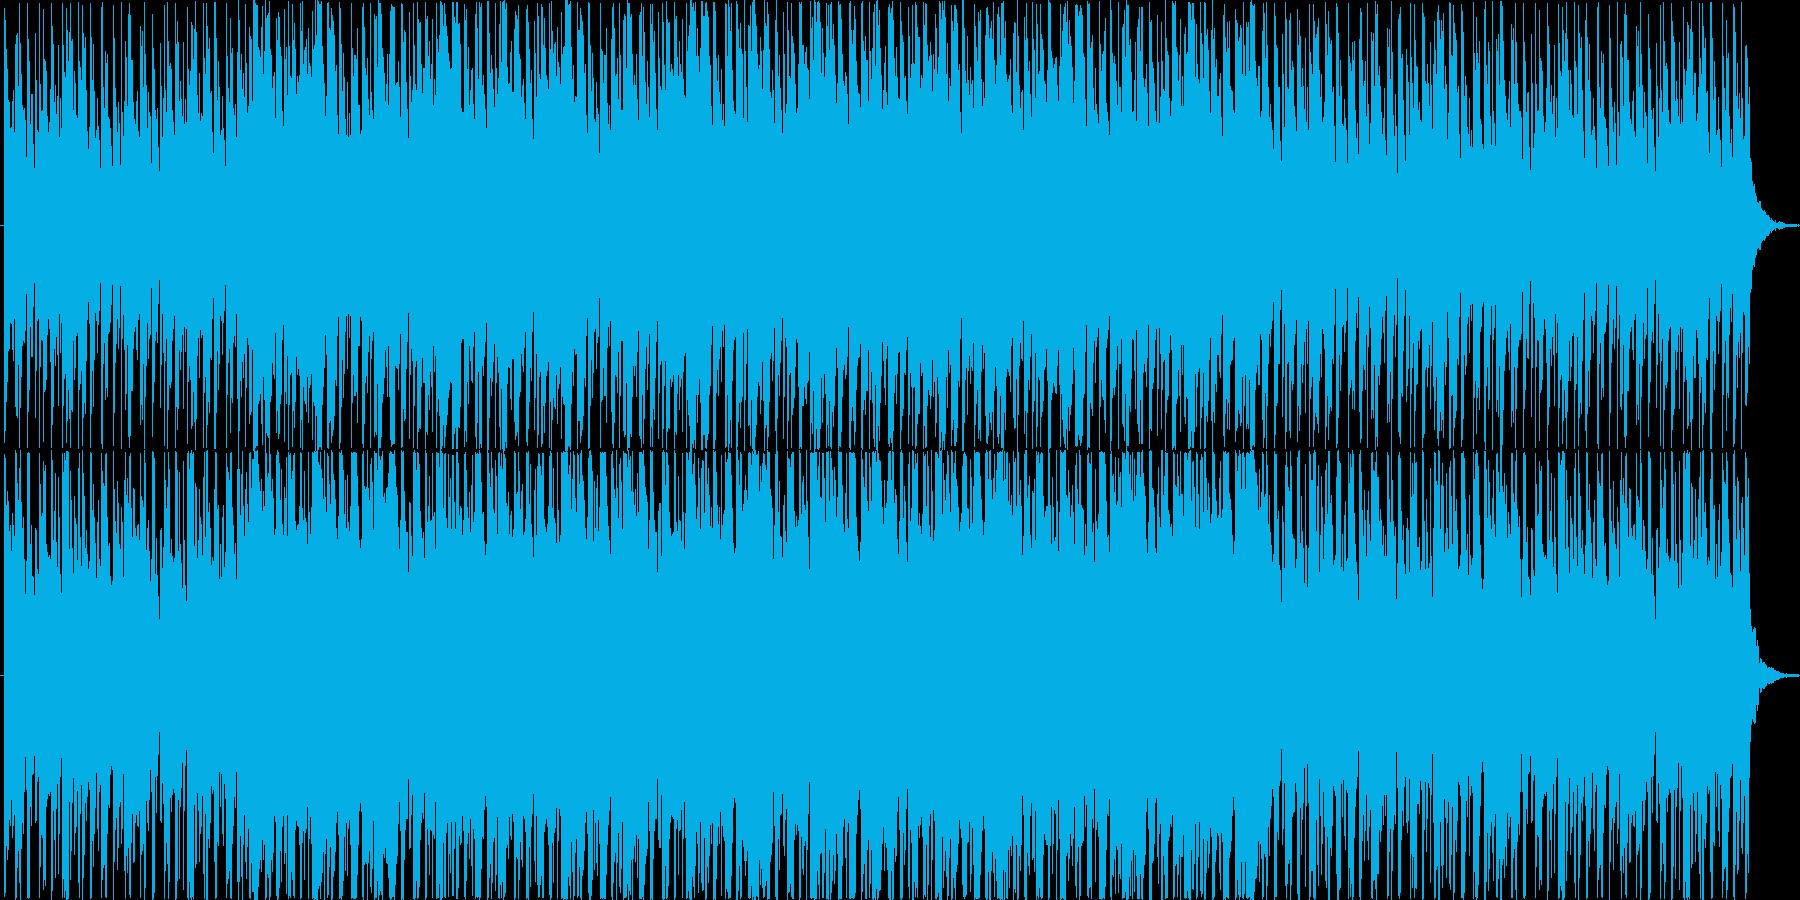 民族楽器を使用したフィールドBGMの再生済みの波形